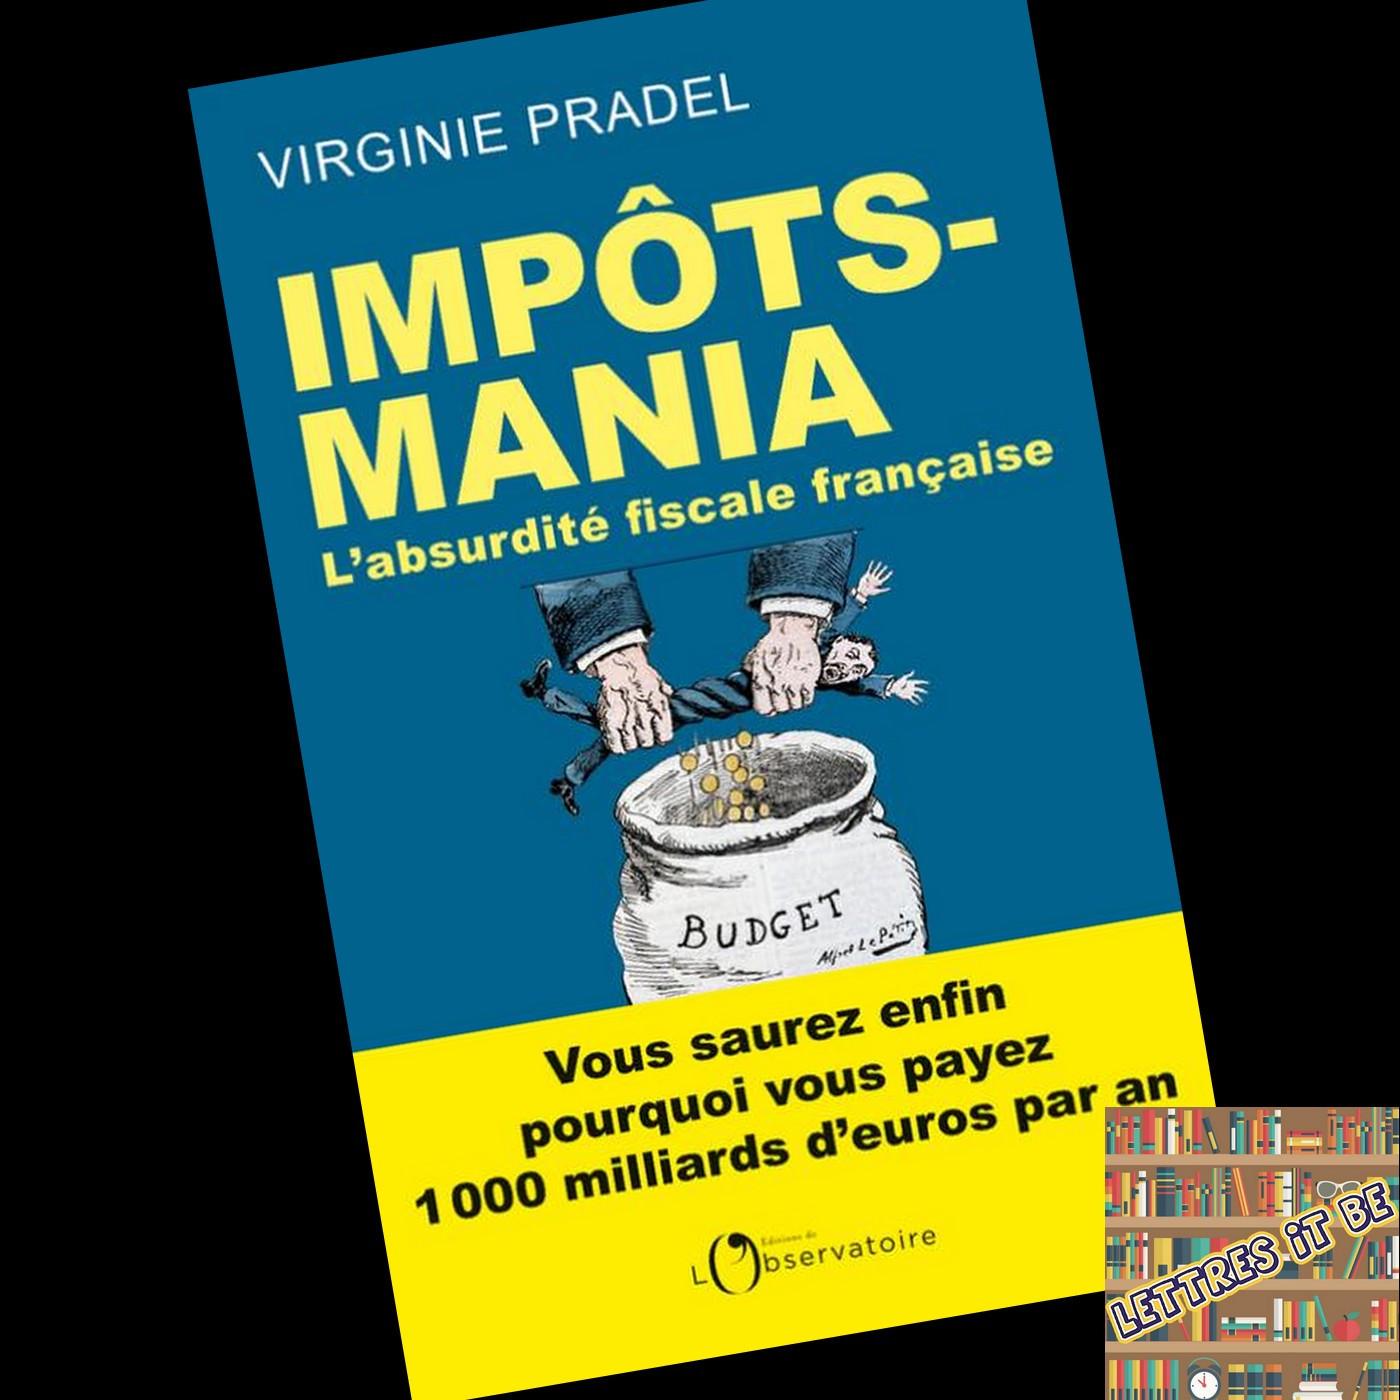 Critique de Impôts-mania : l'absurdité fiscale française de Virginie Pradel (Livre)